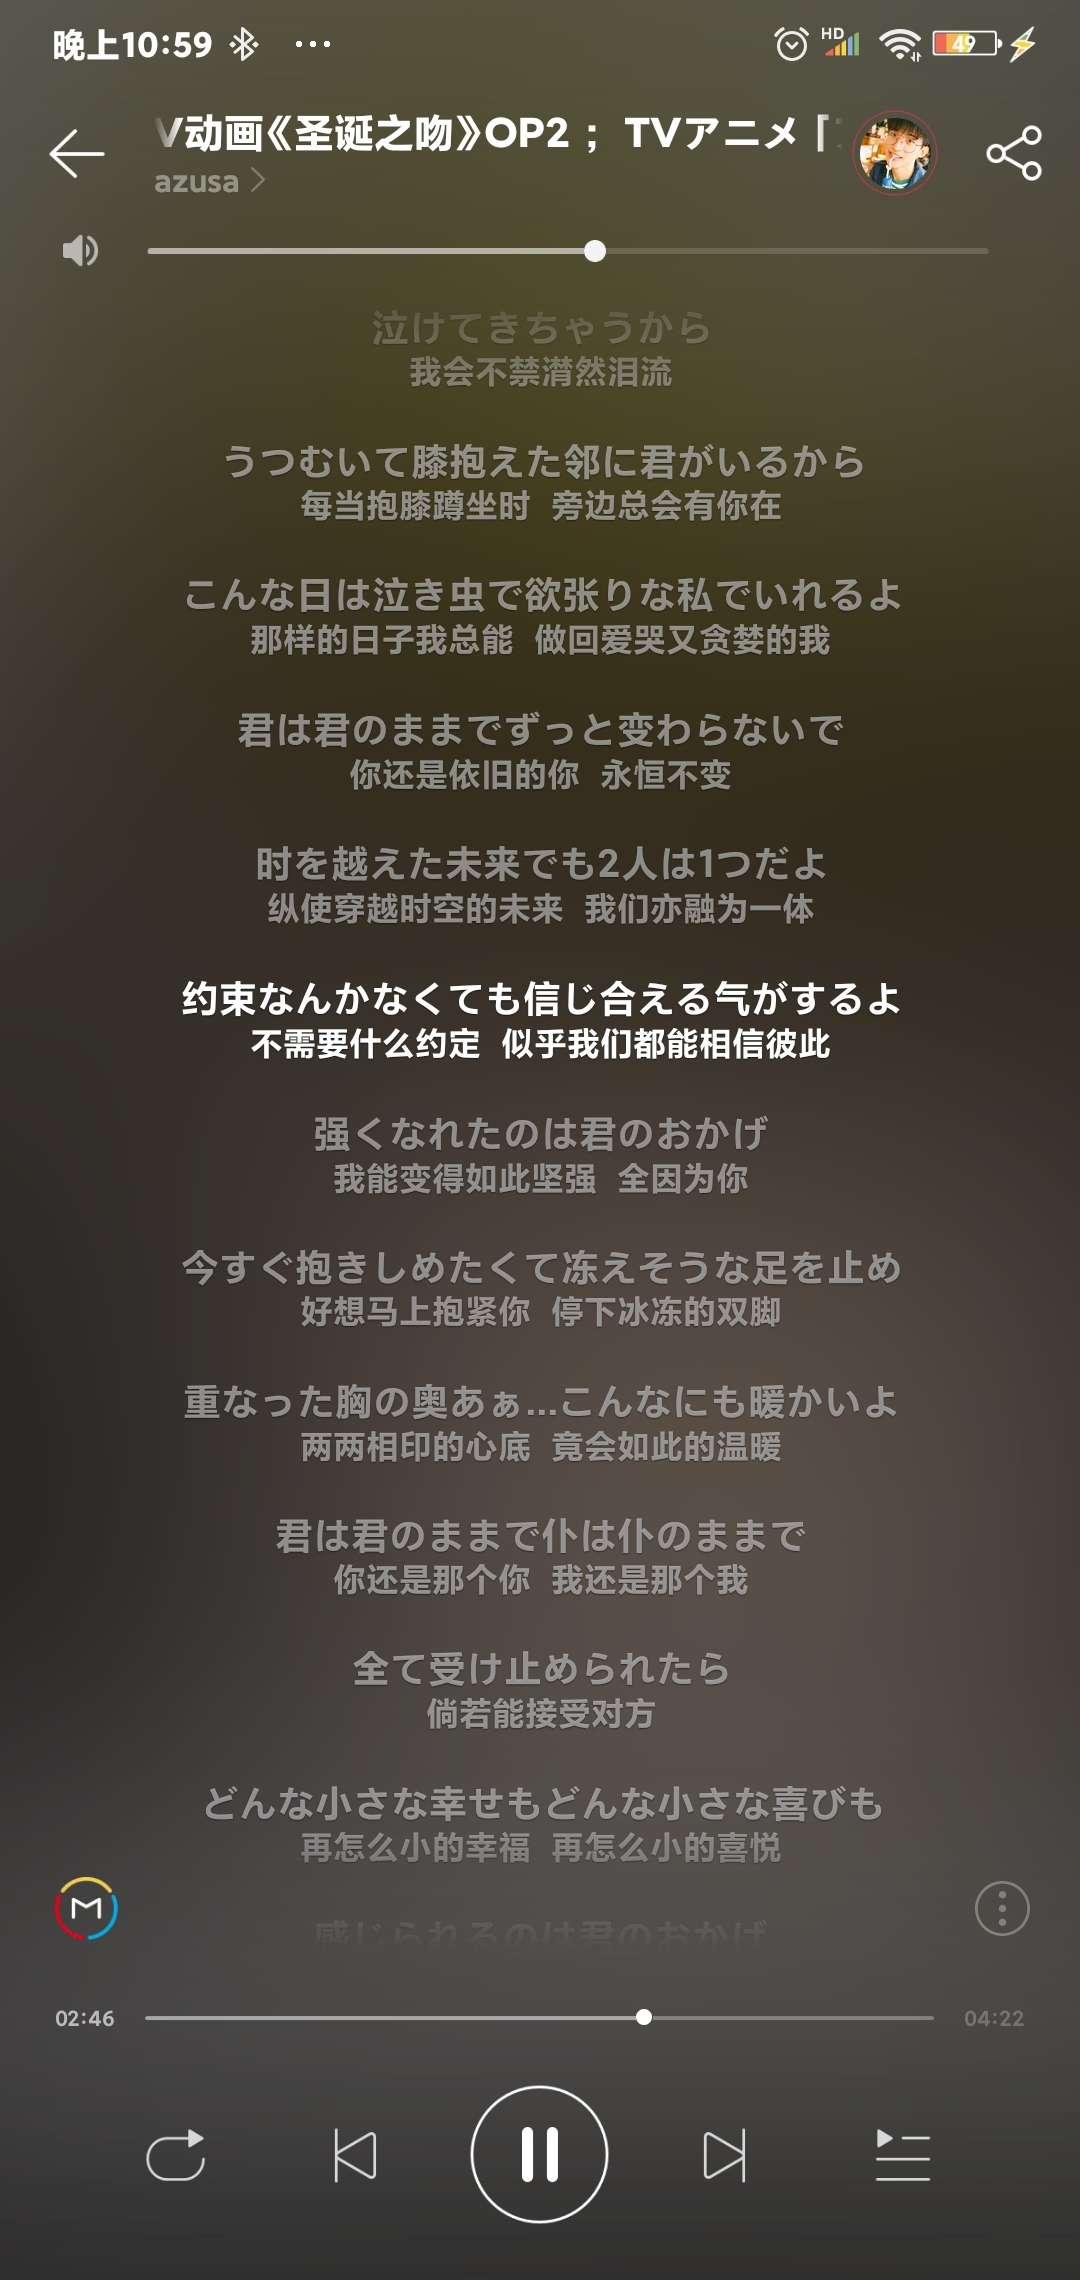 【音乐】君のままで,恋姬无双动漫第2季第4集全集-小柚妹站